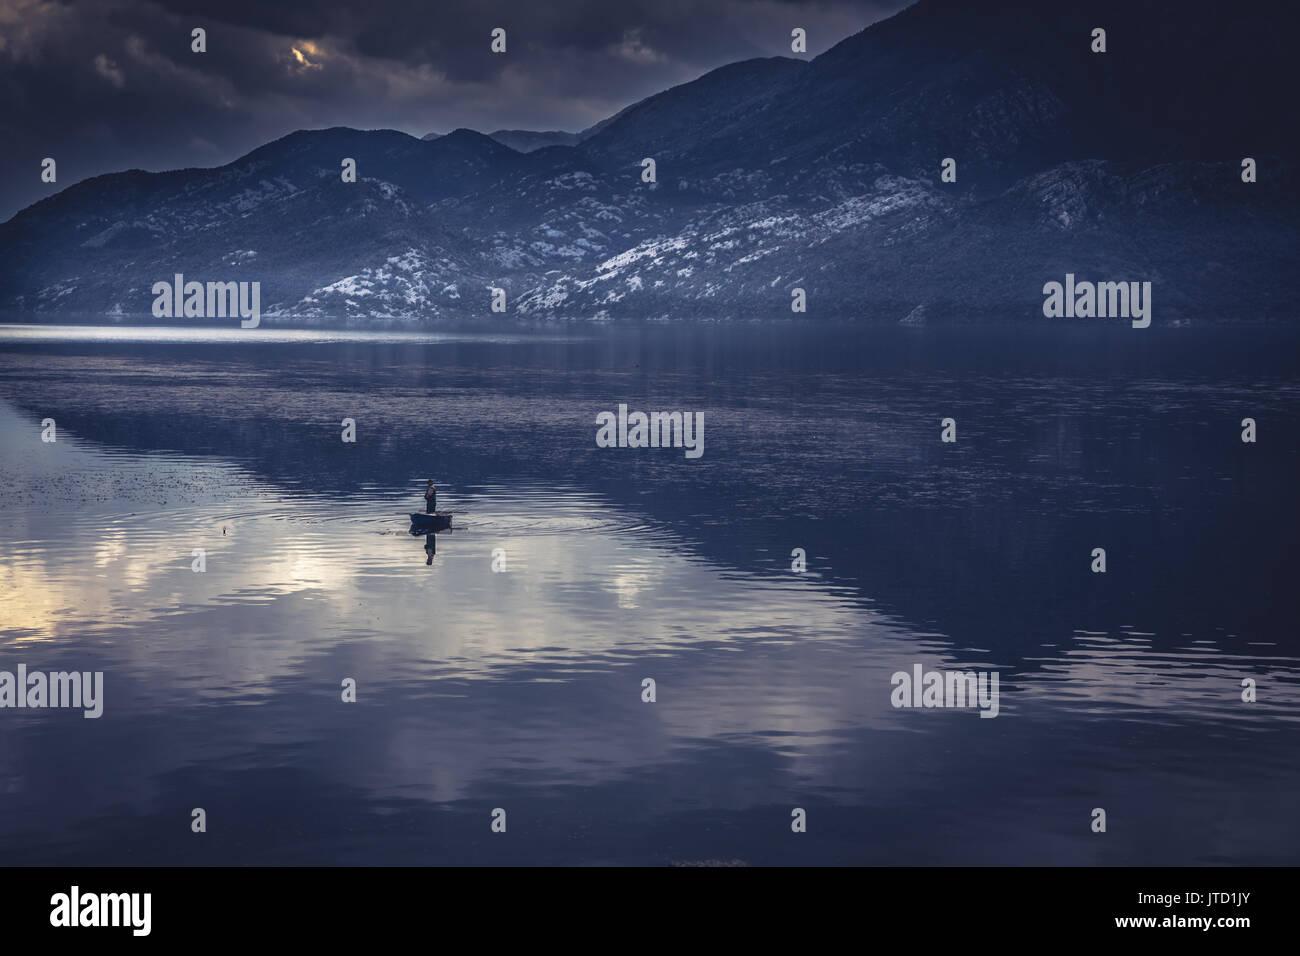 Idílico paisaje de las montañas con el hombre en el barco pesquero en el centro de lago tranquilo con reflejos de agua durante el amanecer con dramáticas en el cielo azul a Imagen De Stock